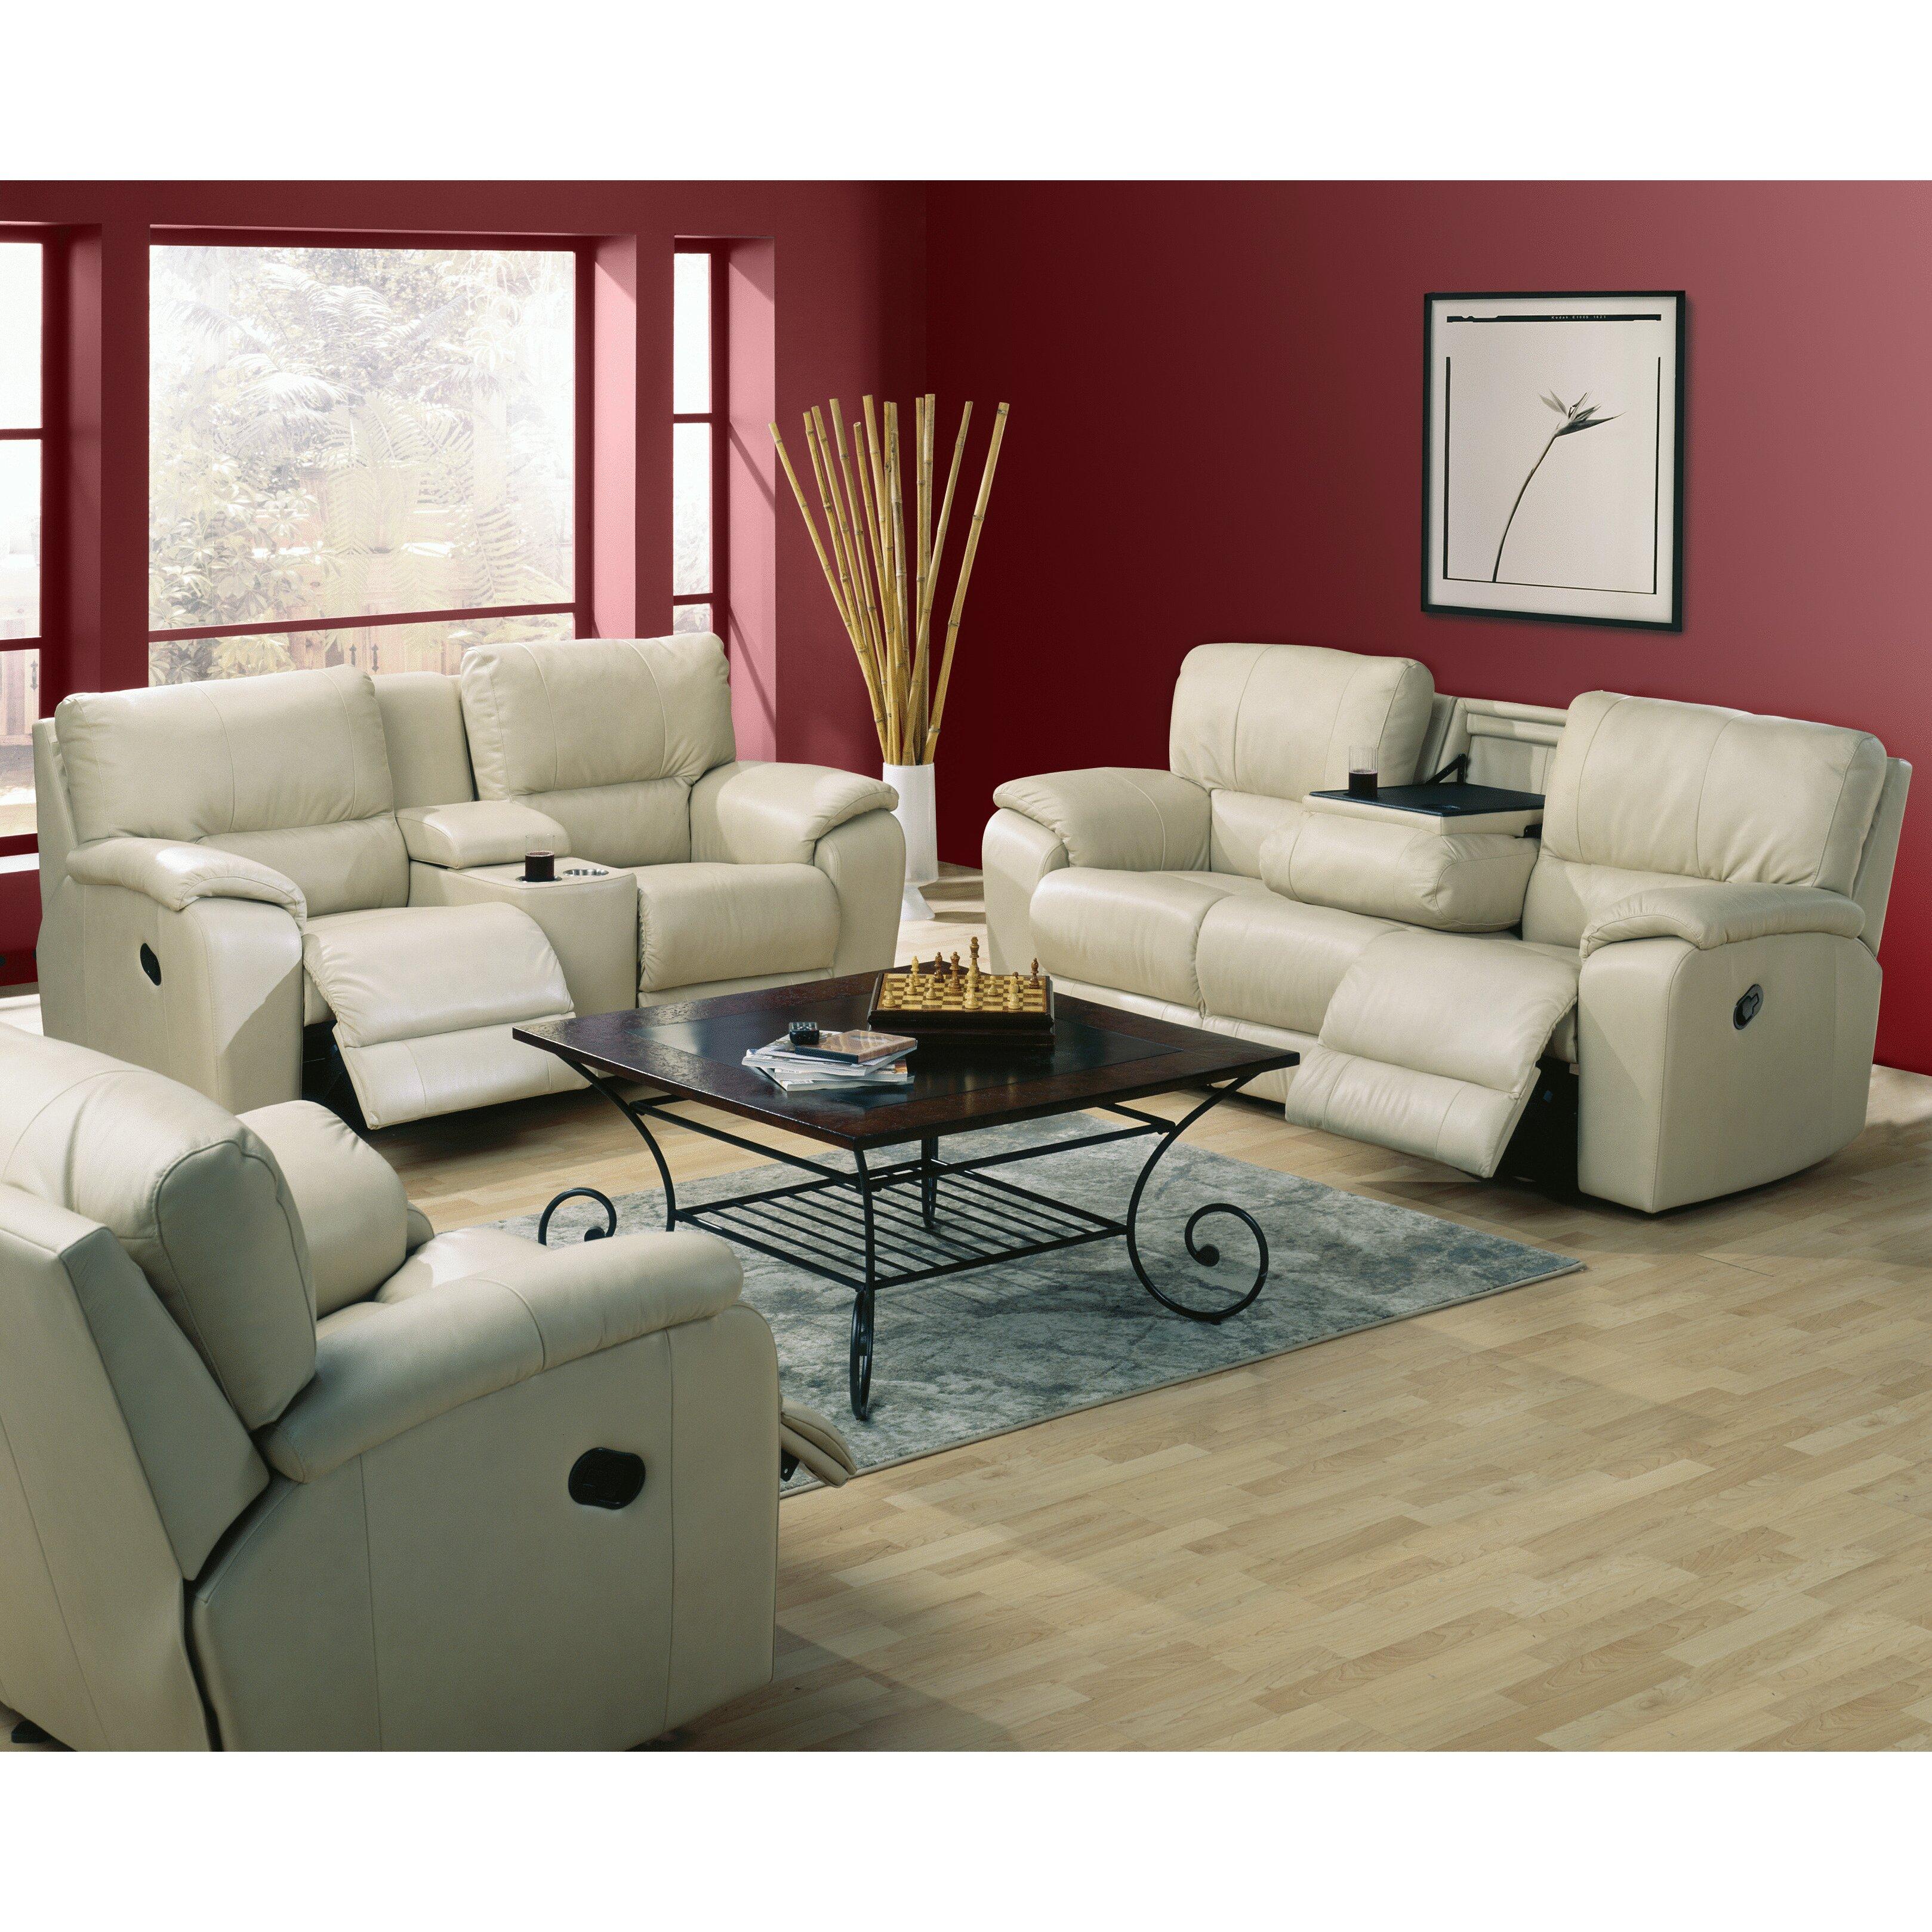 Palliser Leather Reclining Sofa Reviews: Palliser Furniture Shields Reclining Loveseat & Reviews